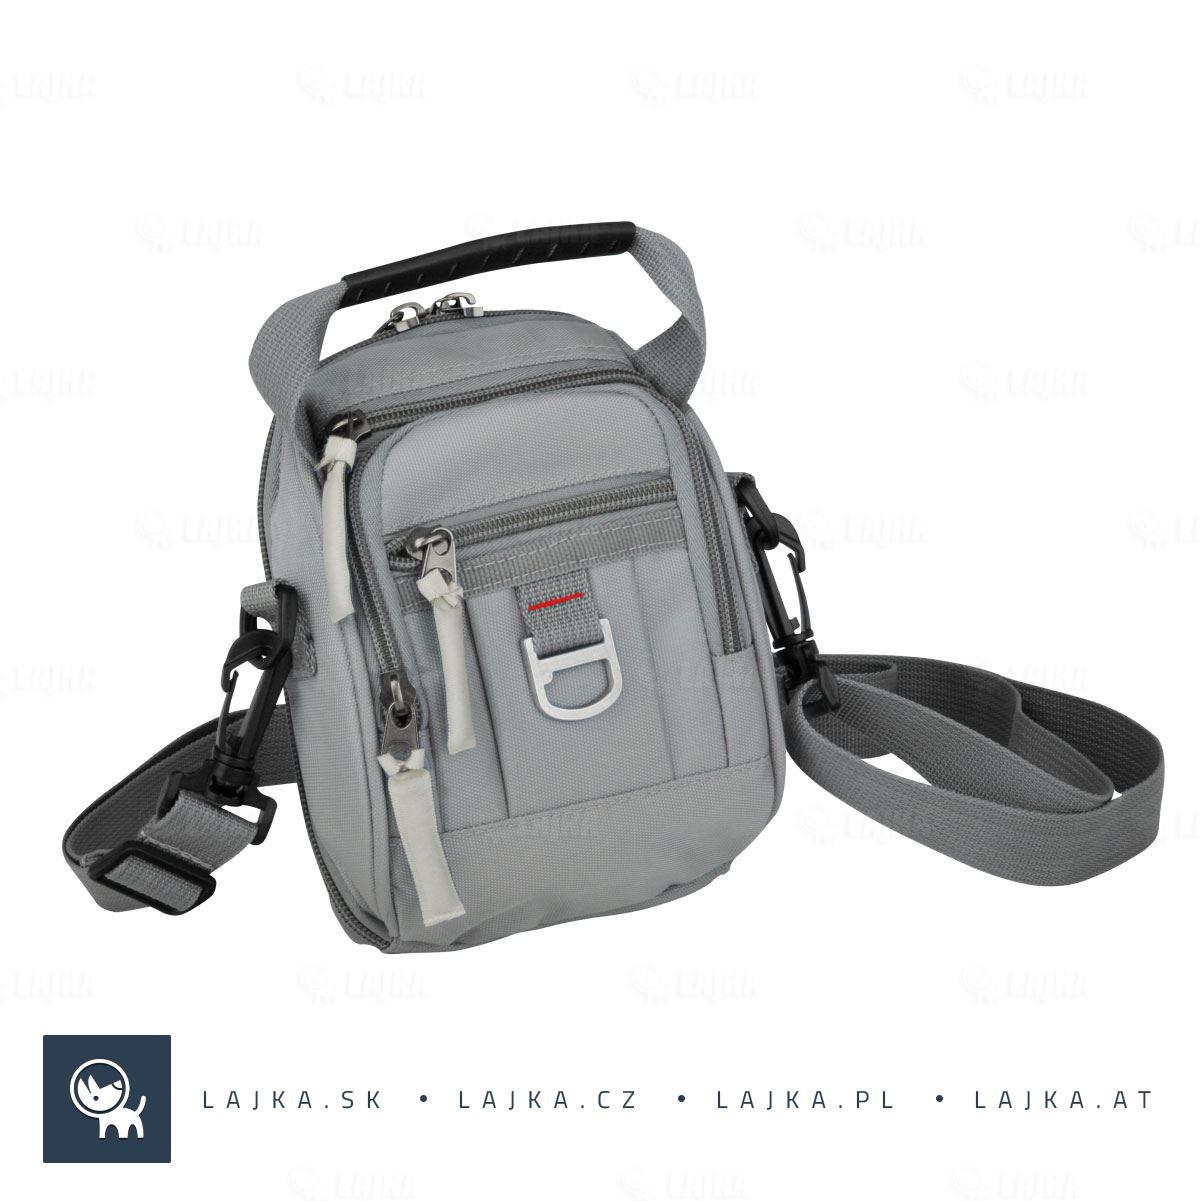 57cdd592a Otis taška na doklady, sivá | Reklamné Predmety